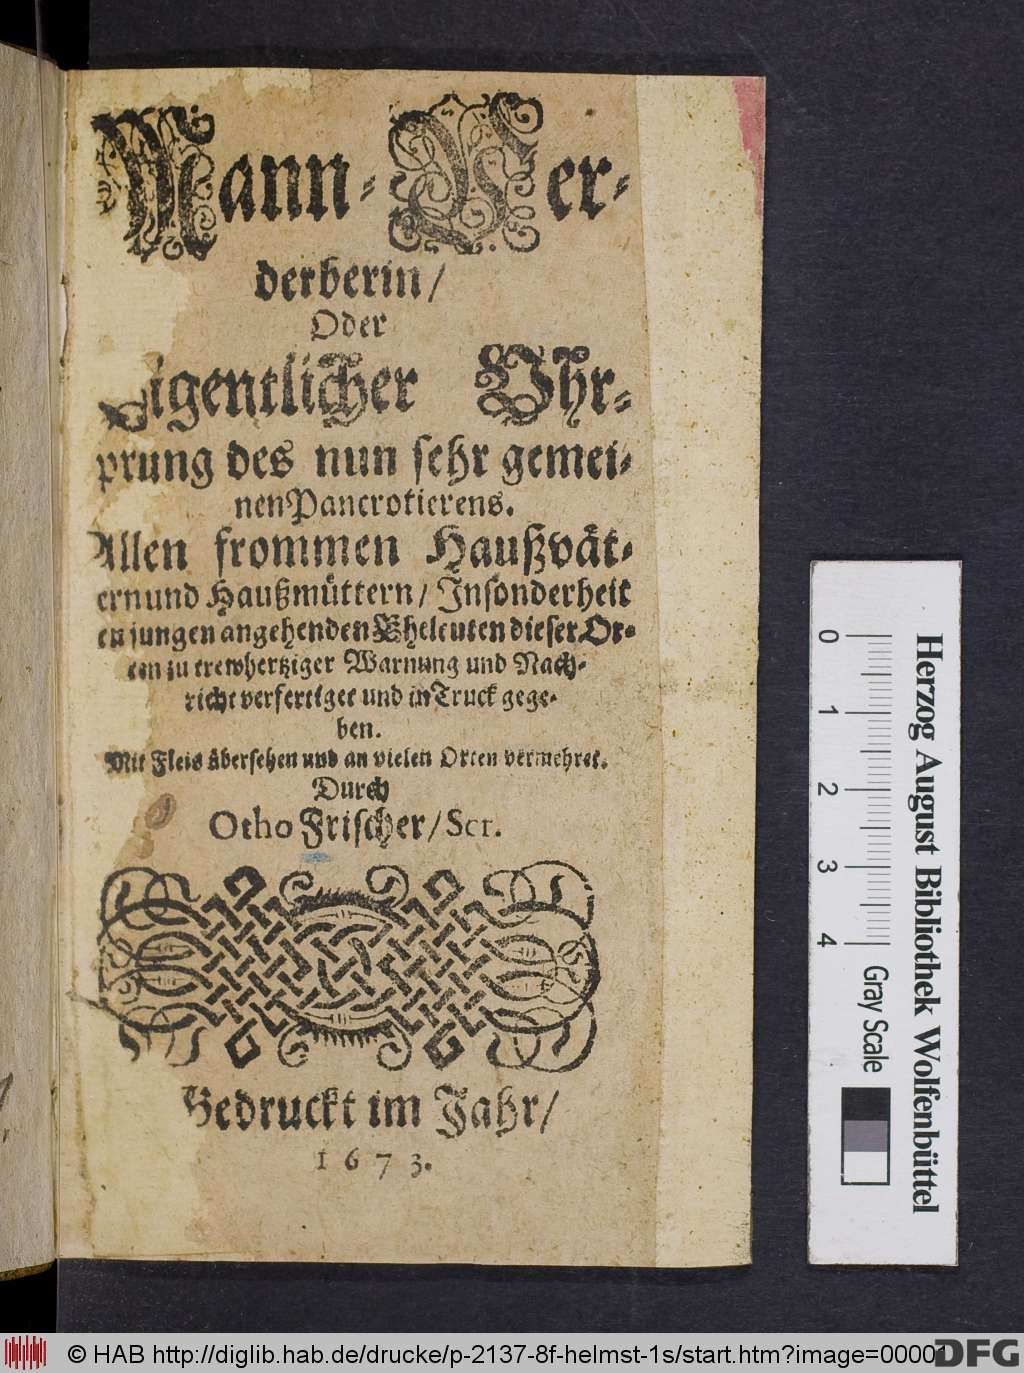 http://diglib.hab.de/drucke/p-2137-8f-helmst-1s/00001.jpg